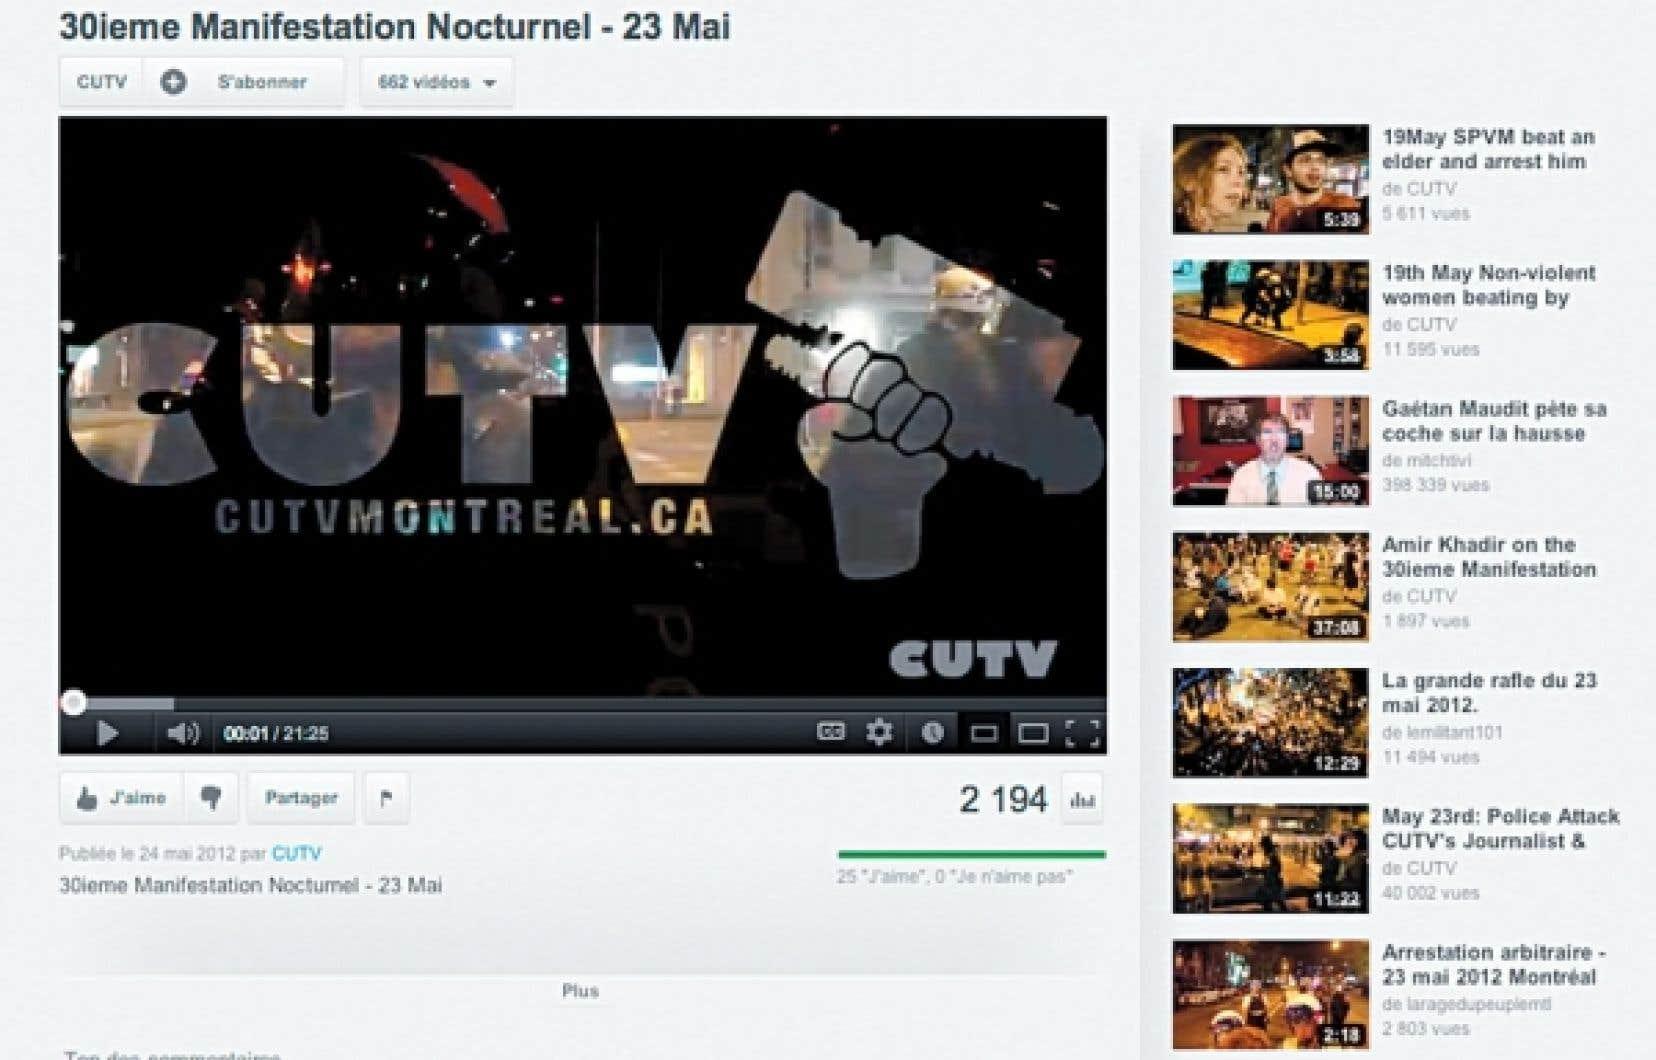 <div> Malgré la controverse qui l'entoure, CUTV est probablement le média communautaire qui a bénéficié de la plus grande visibilité depuis le début du conflit. Ses images ont été réutilisées — souvent sans crédit ni rémunération — par des chaînes comme CBC, CTV, TVA, LCN, Al-Jazeera et CNN.</div>